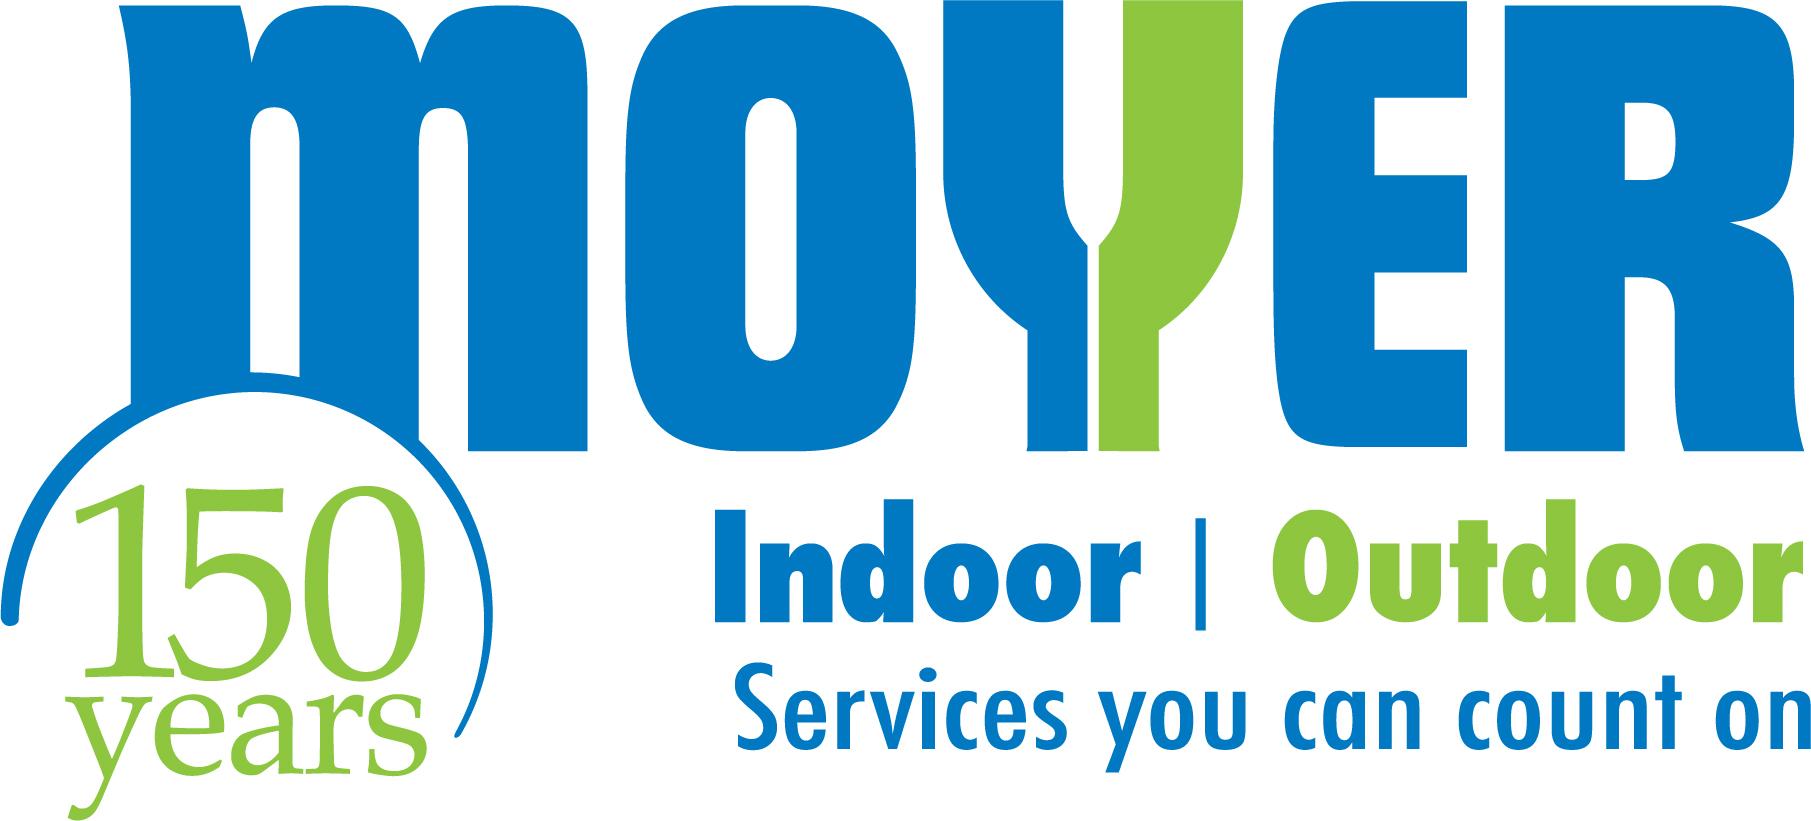 Sponsors / 150MoyerCompleteLogo Indoor Outdoor.jpg